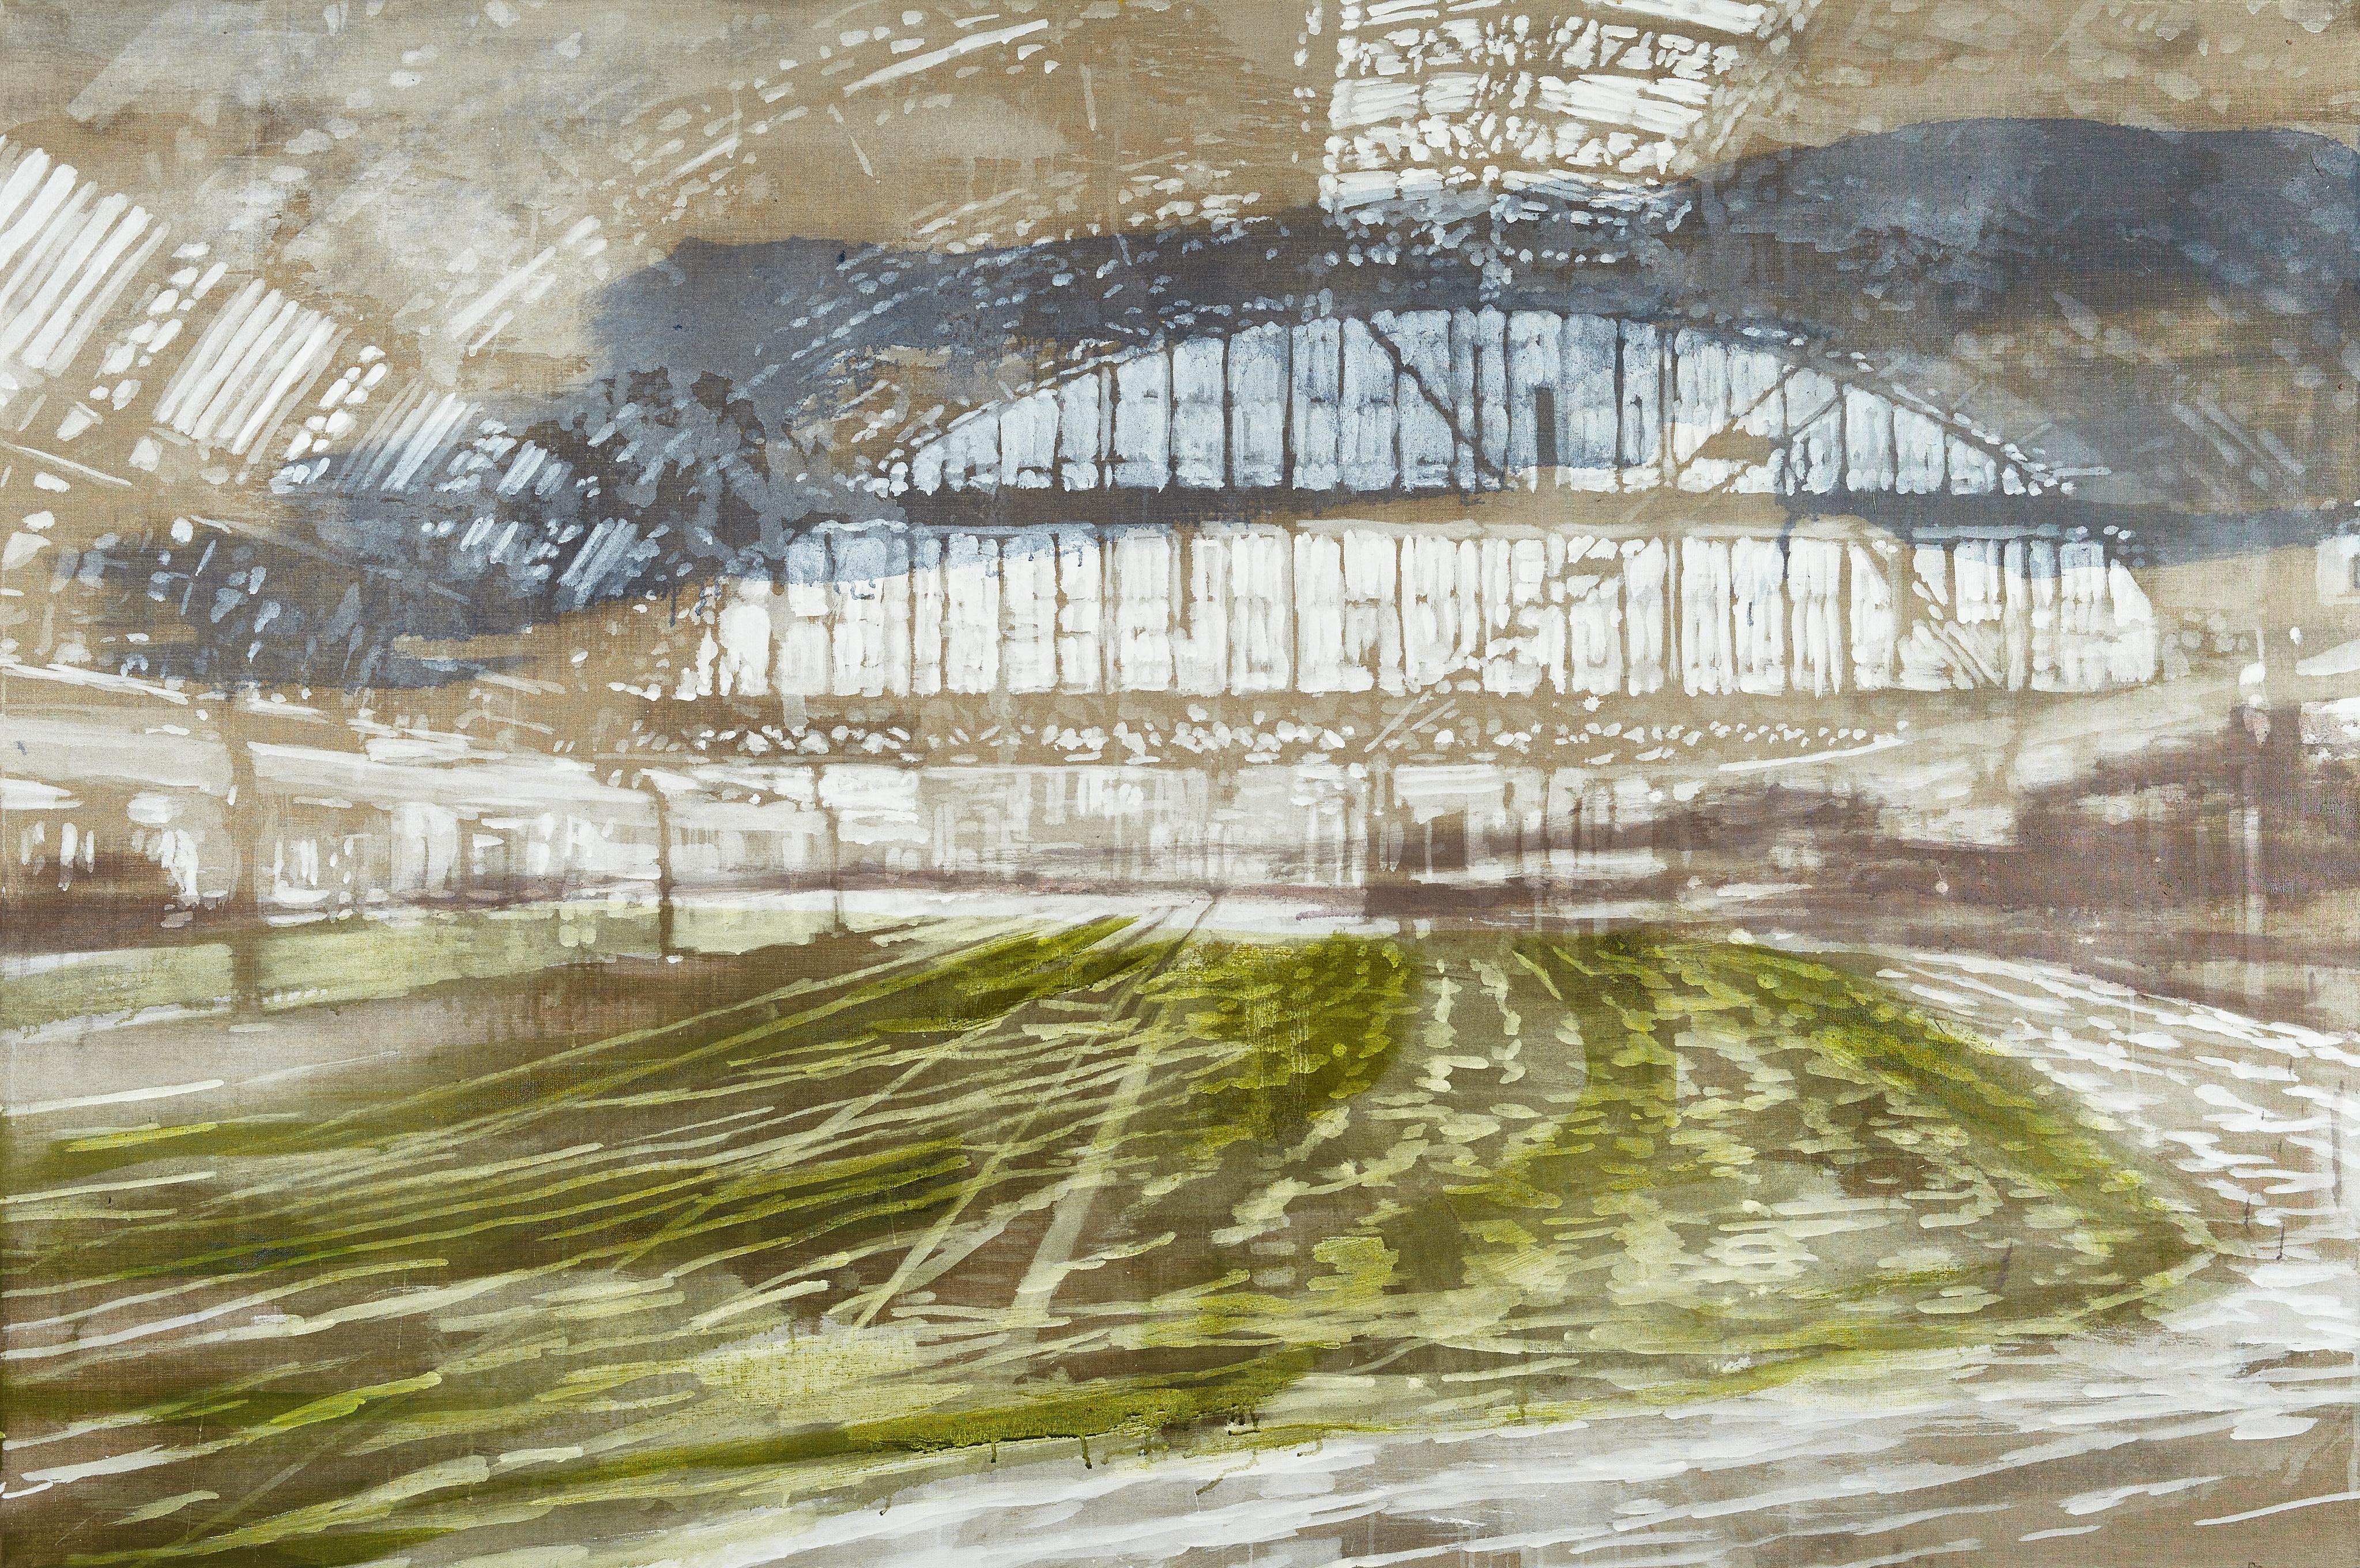 Dampende dvælen, 120 x 180 cm, 16